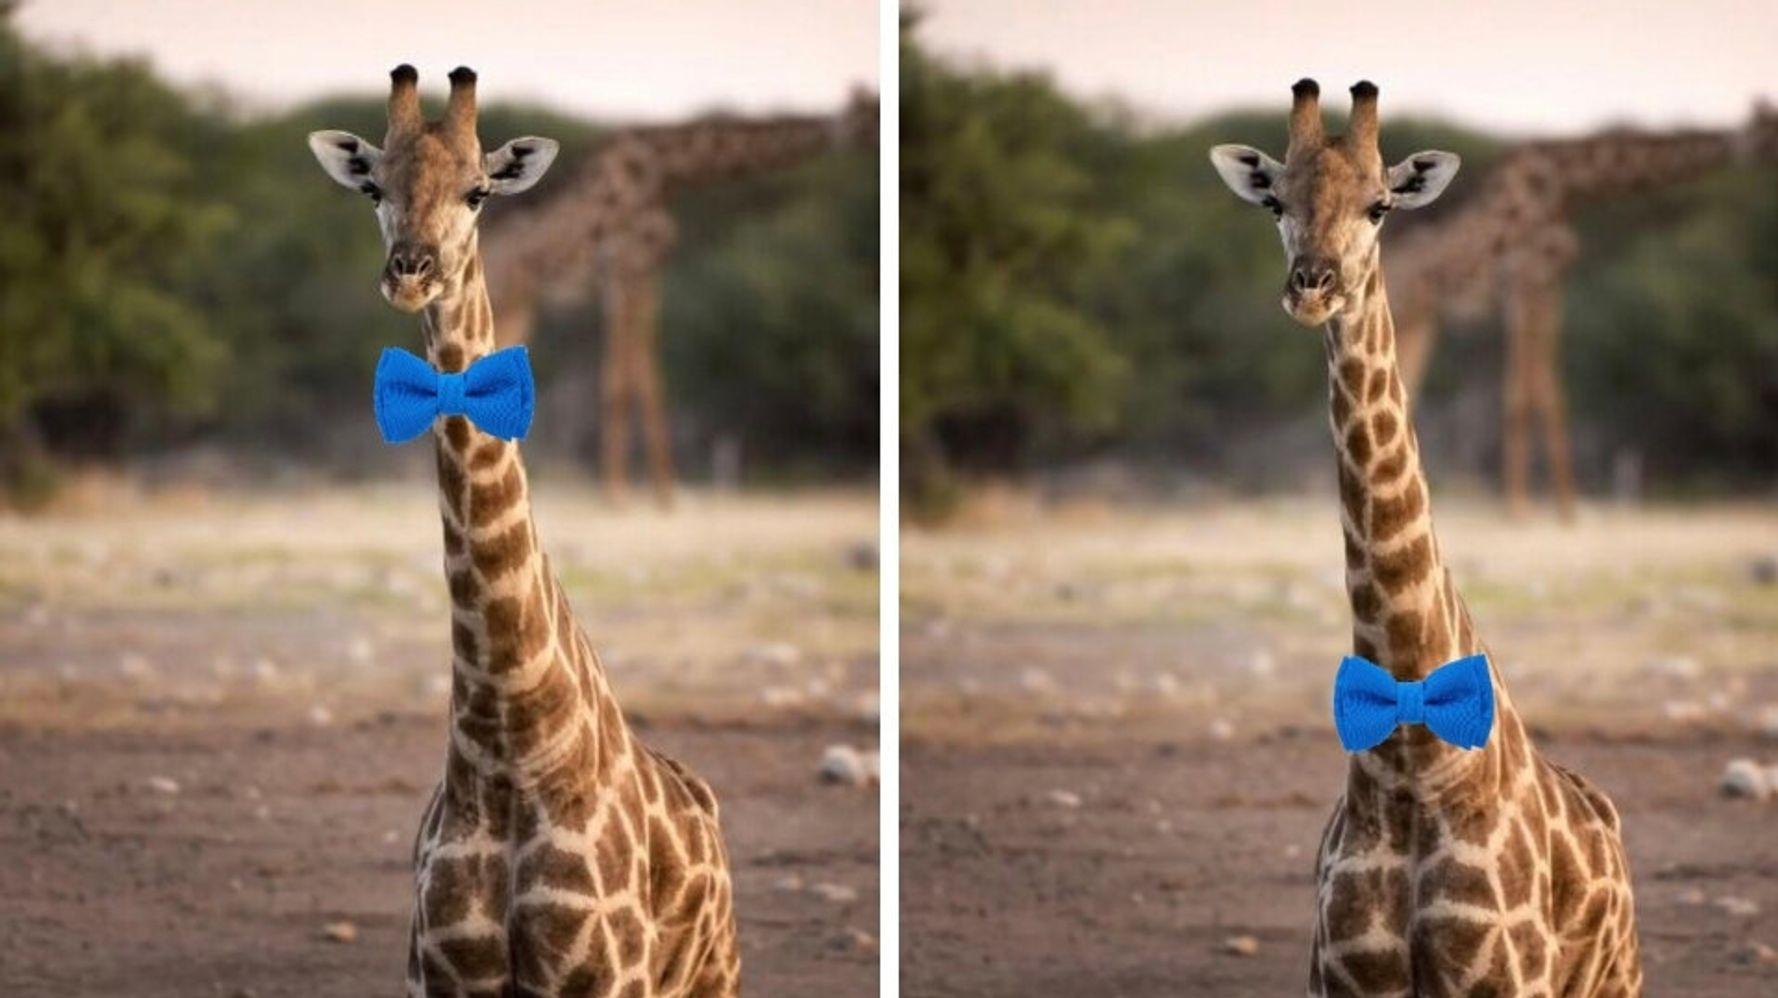 Debate Is Raging On Twitter Over How A Giraffe Should Wear A Bow Tie